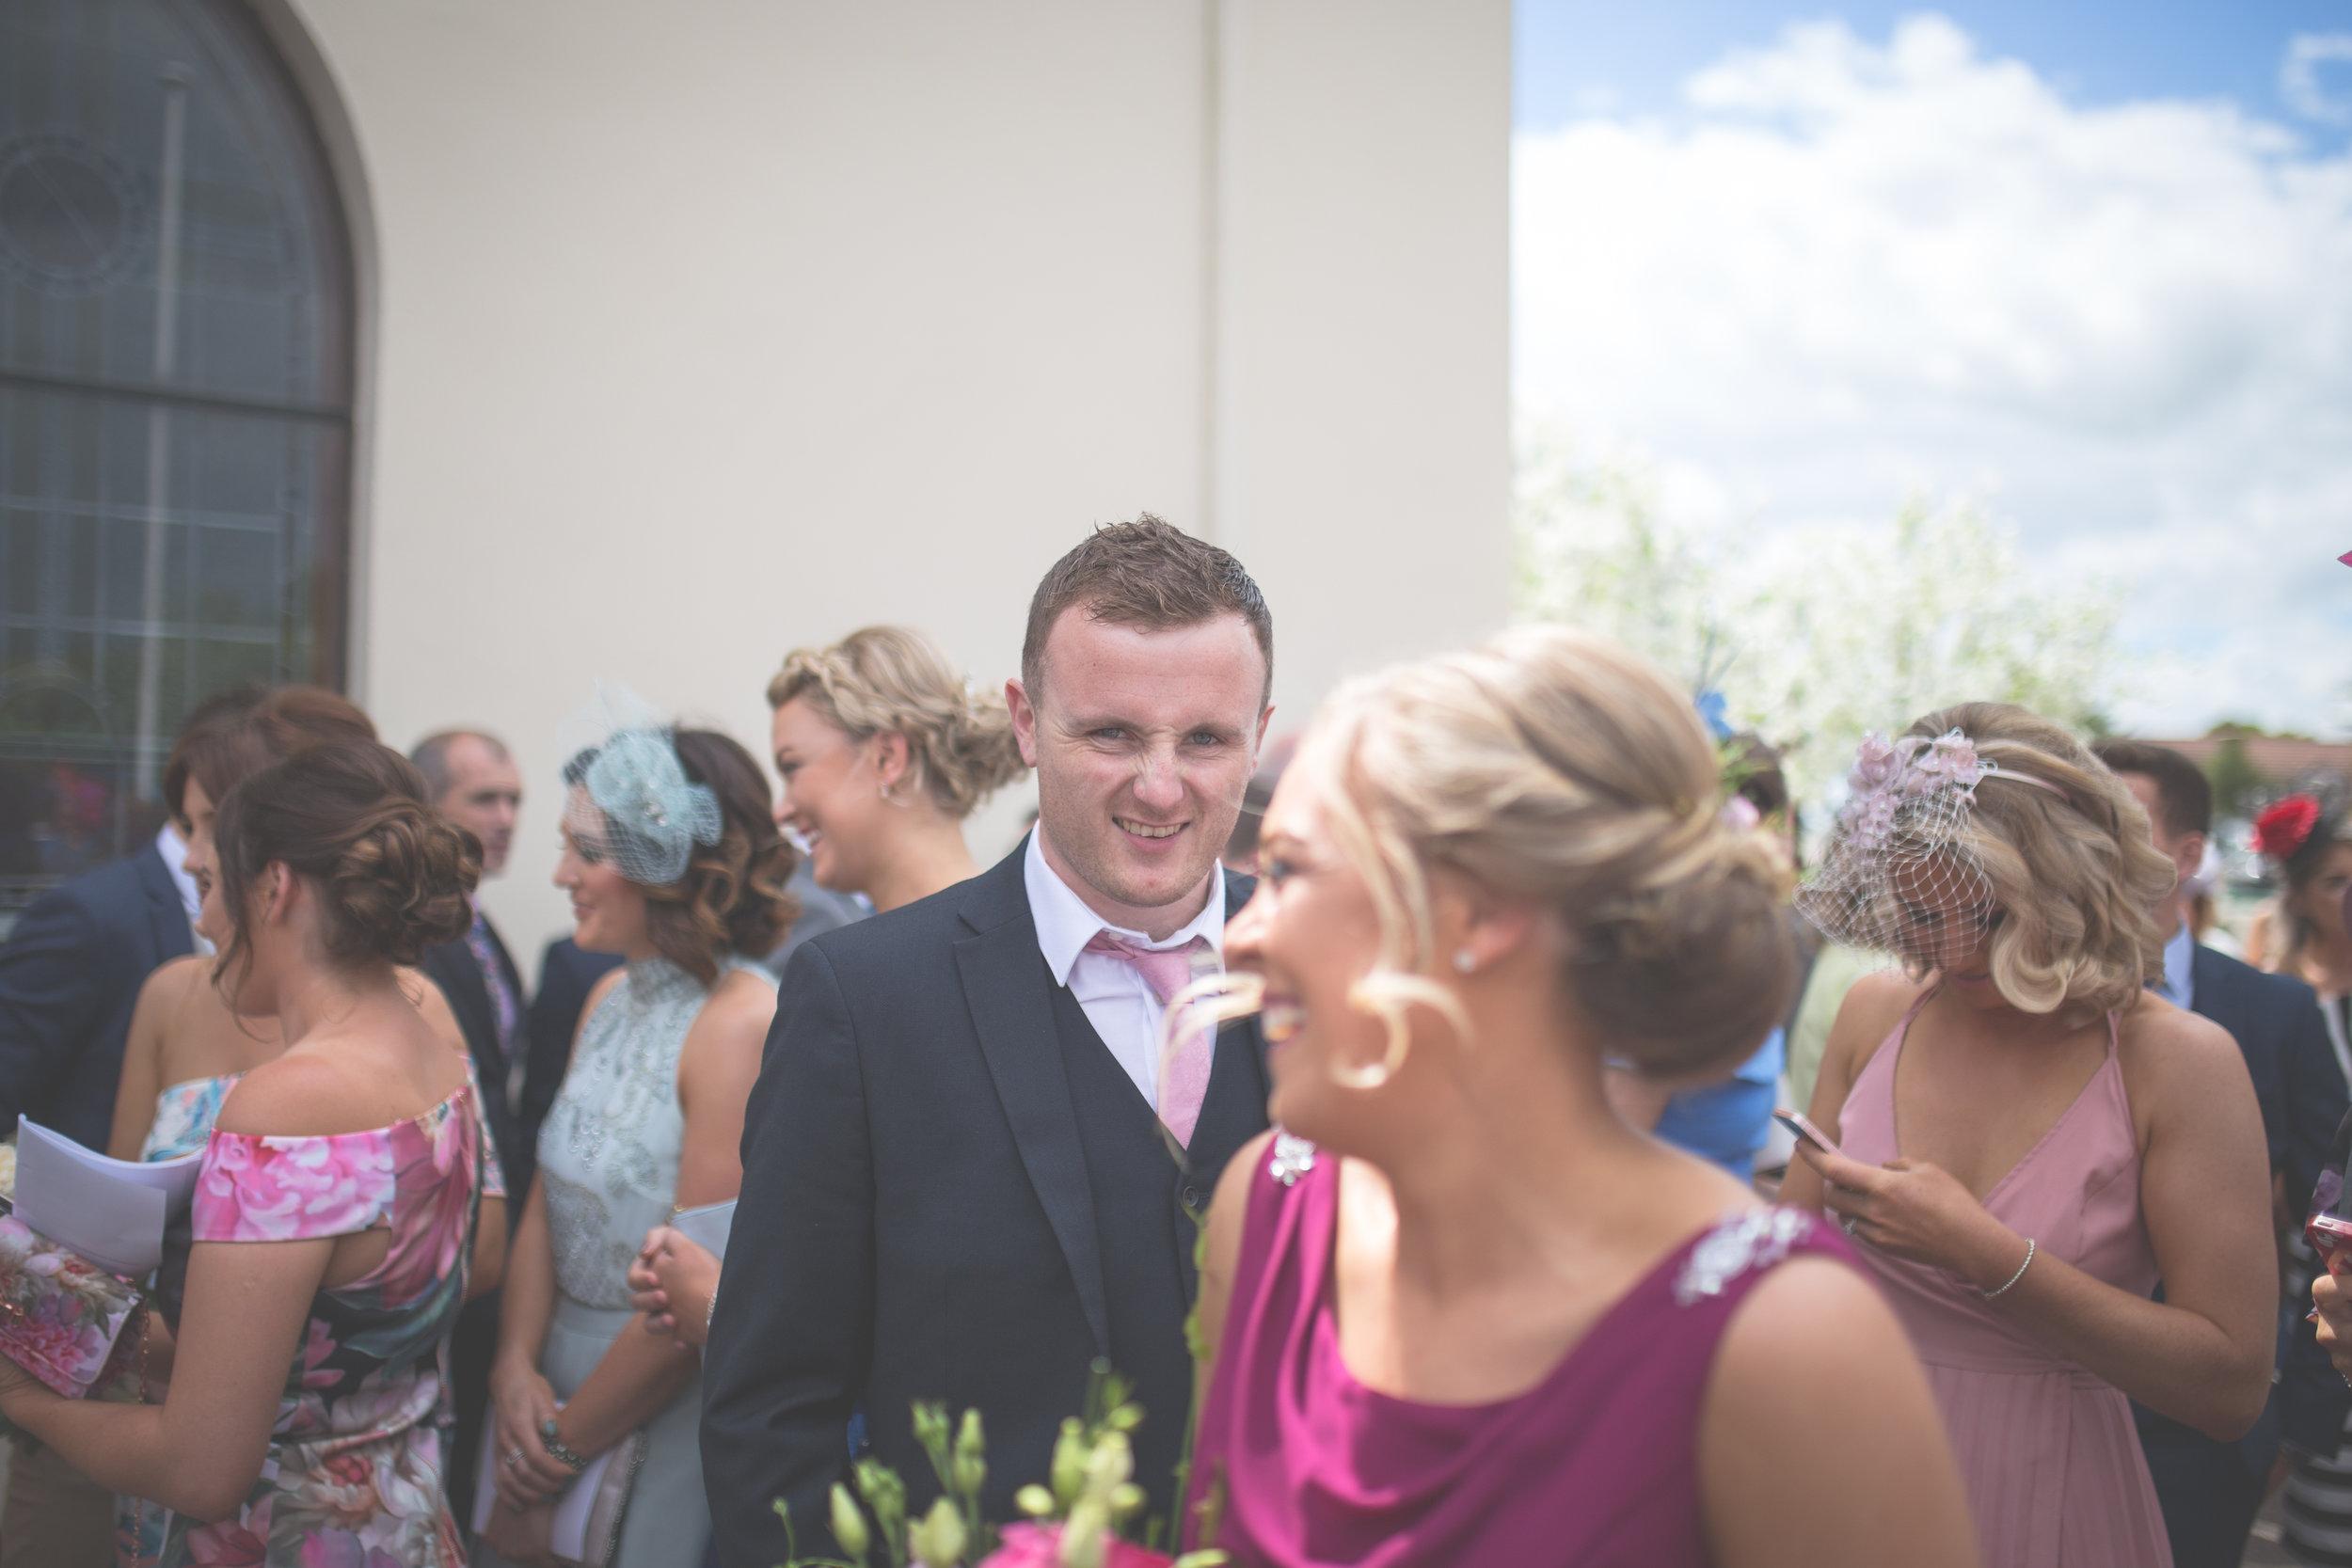 Brian McEwan Wedding Photography   Carol-Anne & Sean   The Ceremony-109.jpg